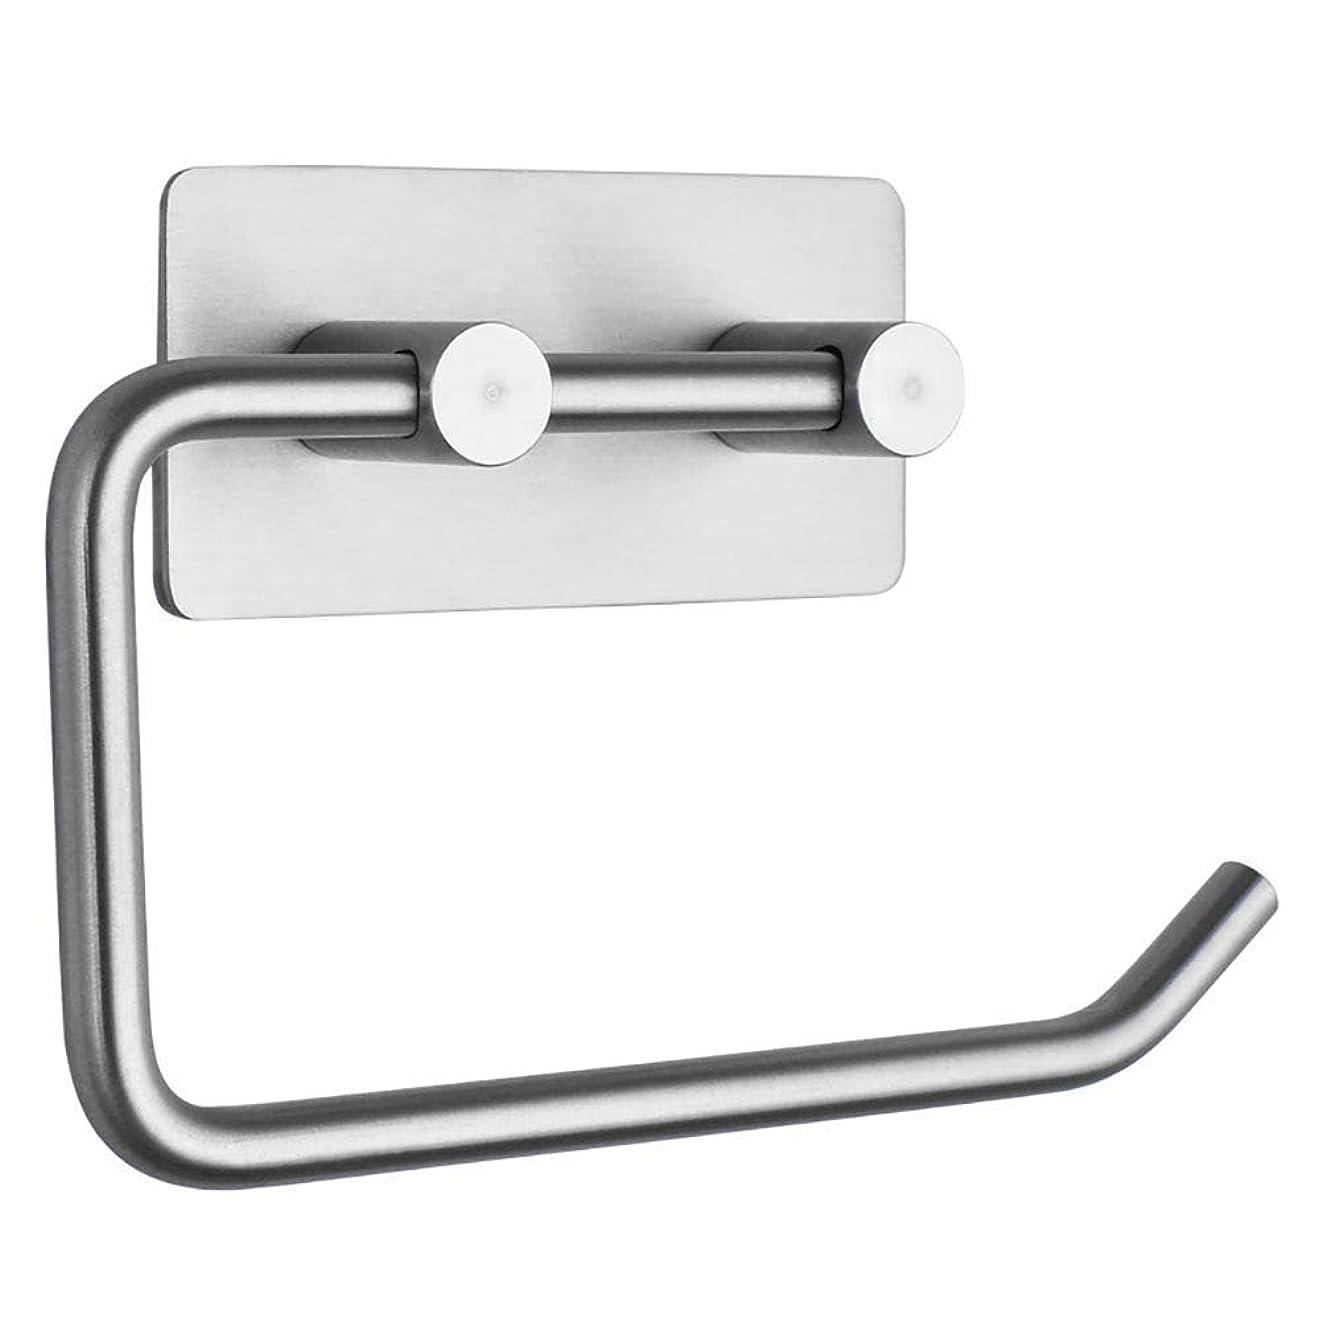 哲学代わりのアーサーコナンドイルトイレットペーパーホルダーブラシニッケルは、304のステンレス鋼のトイレットペーパーロールホルダーハンガーなし掘削ウォールは浴室台所用マウント CT55CT (Size : StyleB)